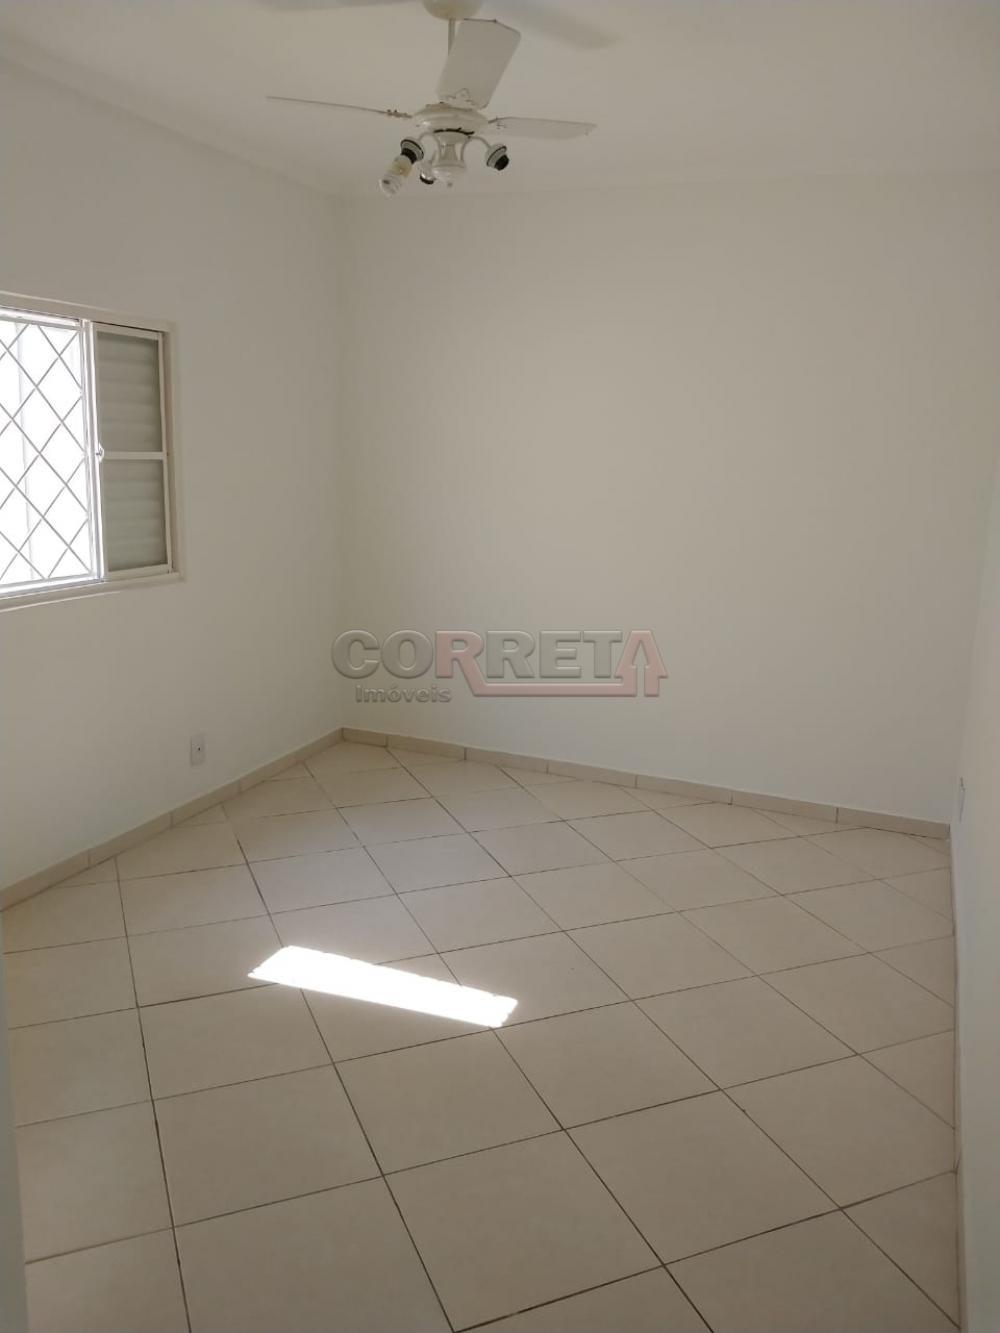 Comprar Casa / Residencial em Araçatuba apenas R$ 280.000,00 - Foto 3